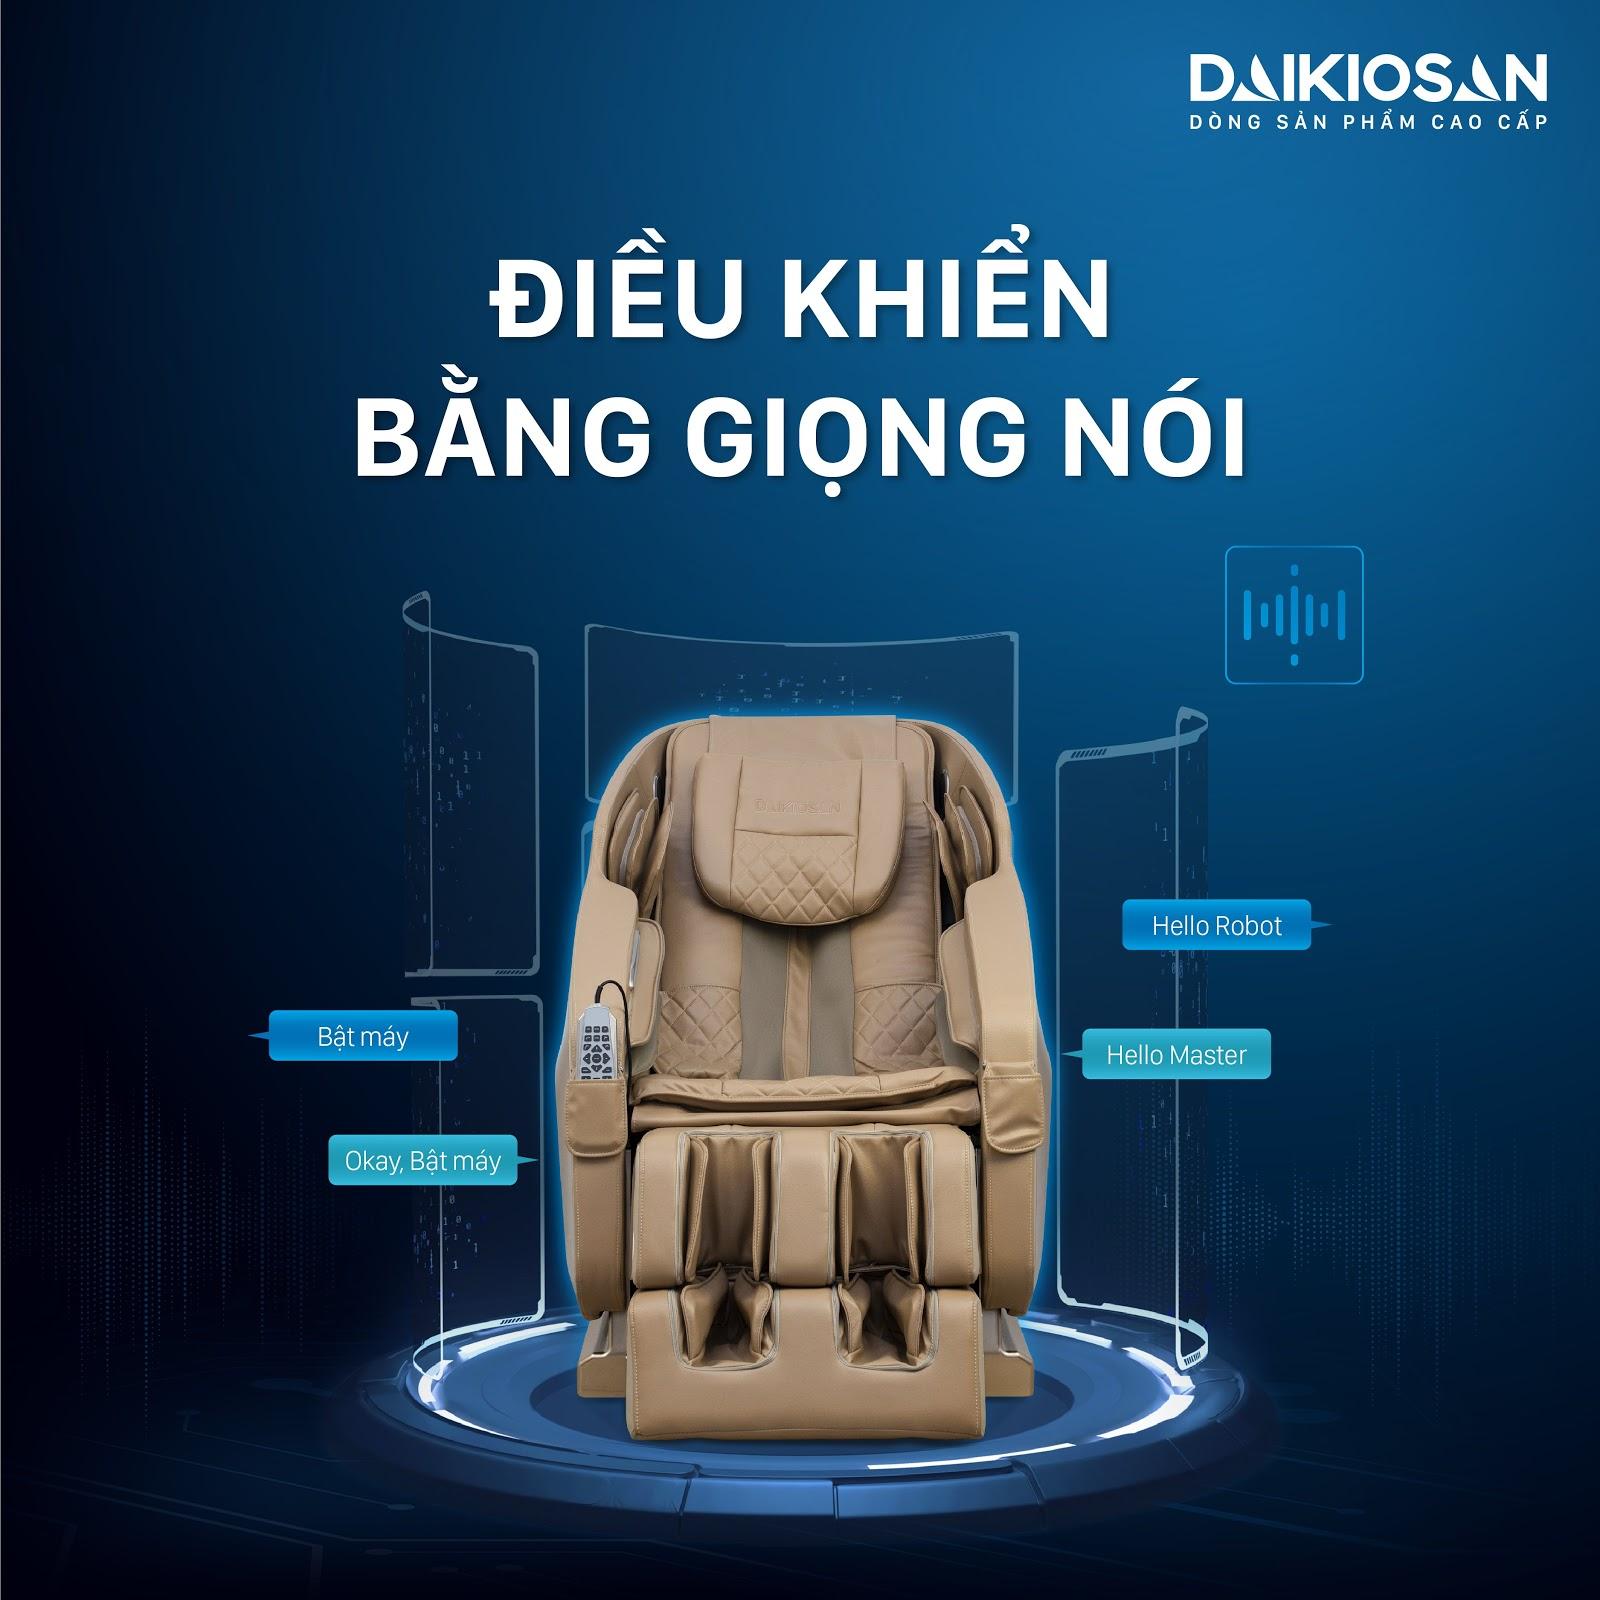 Ghế massage Daikiosan, Makano điều khiển bằng giọng nói dễ dàng cho người sử dụng